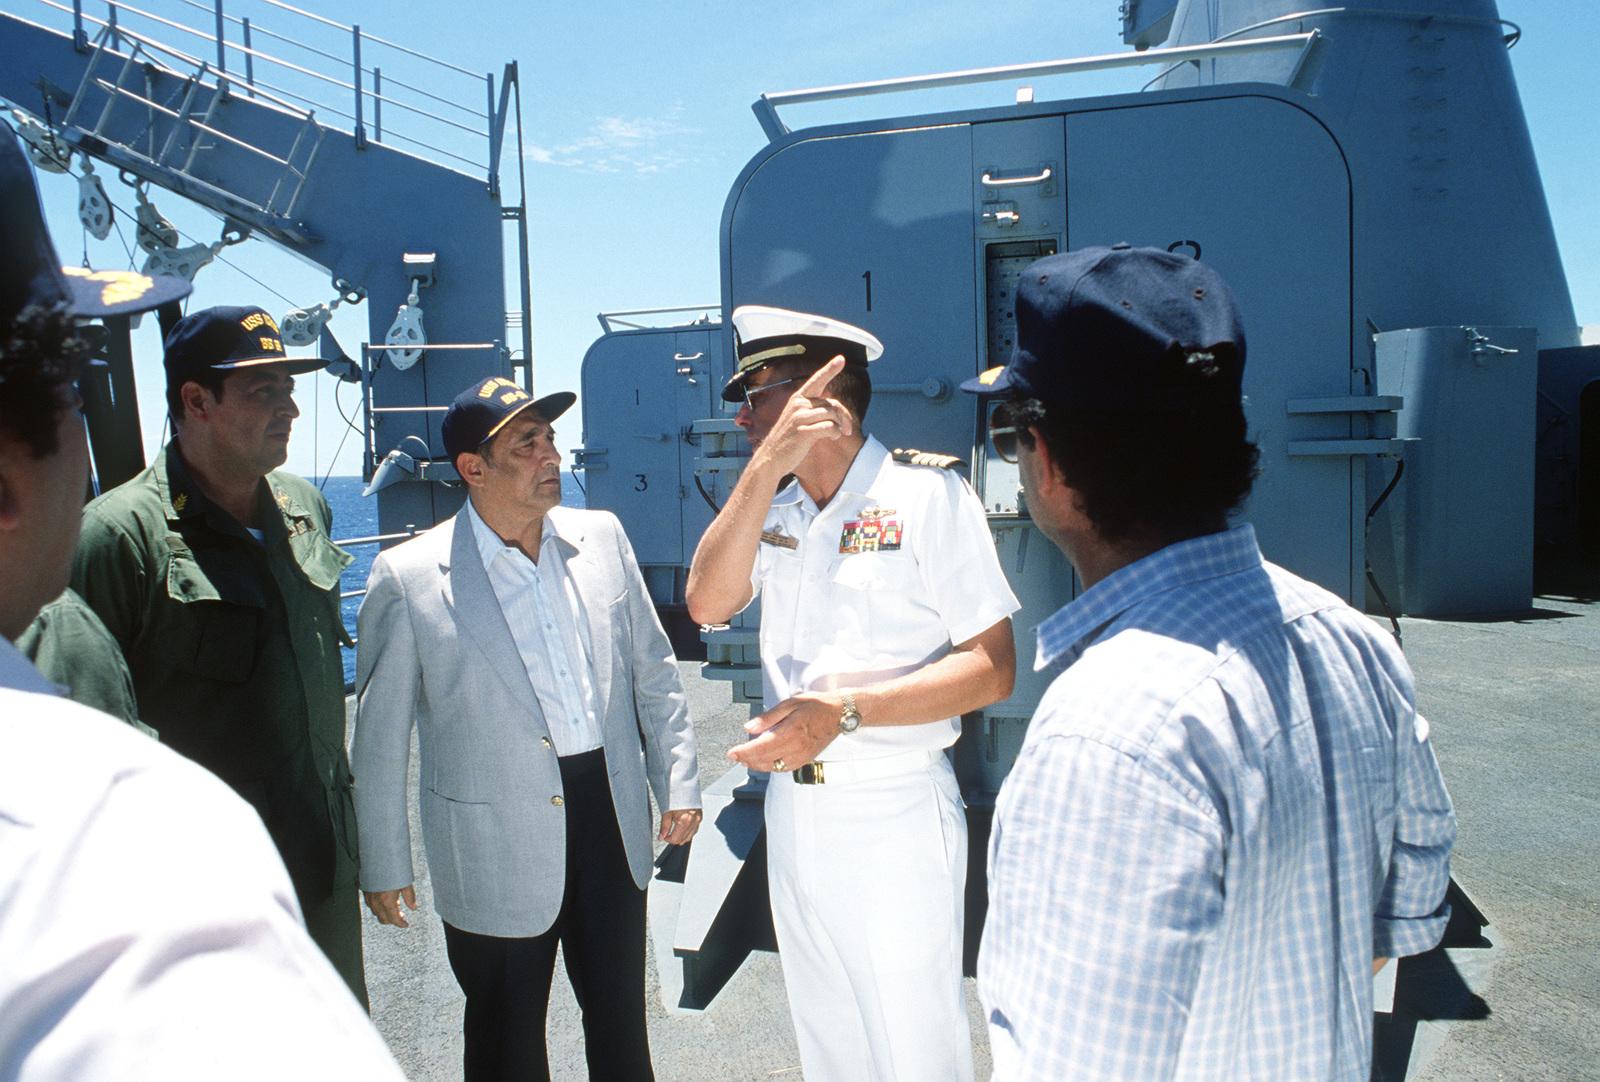 Captain Gerald E  Gneckow, commanding officer of the USS